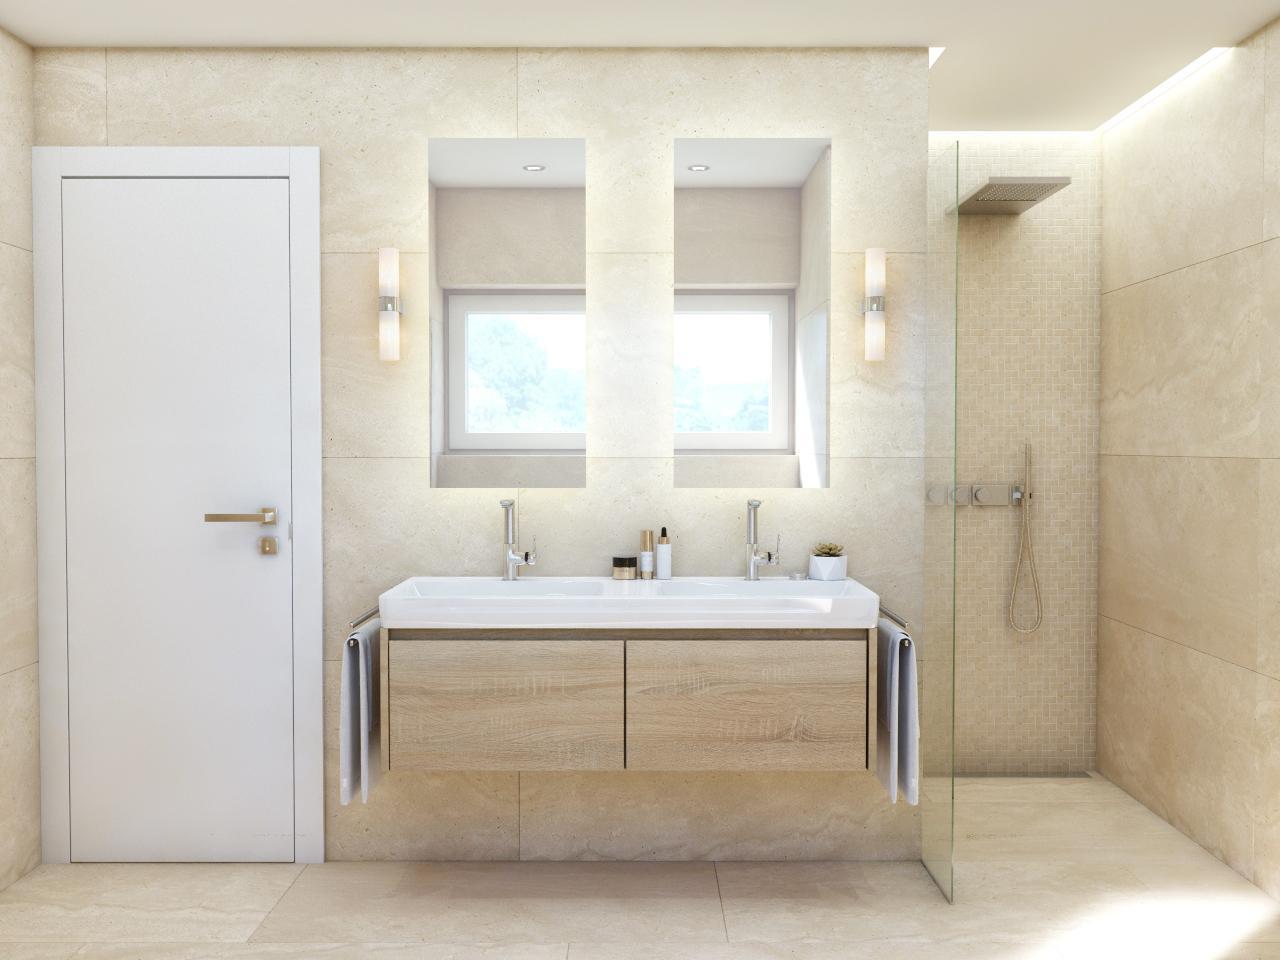 Návrhy kúpeľní 2021 - Obrázok č. 20